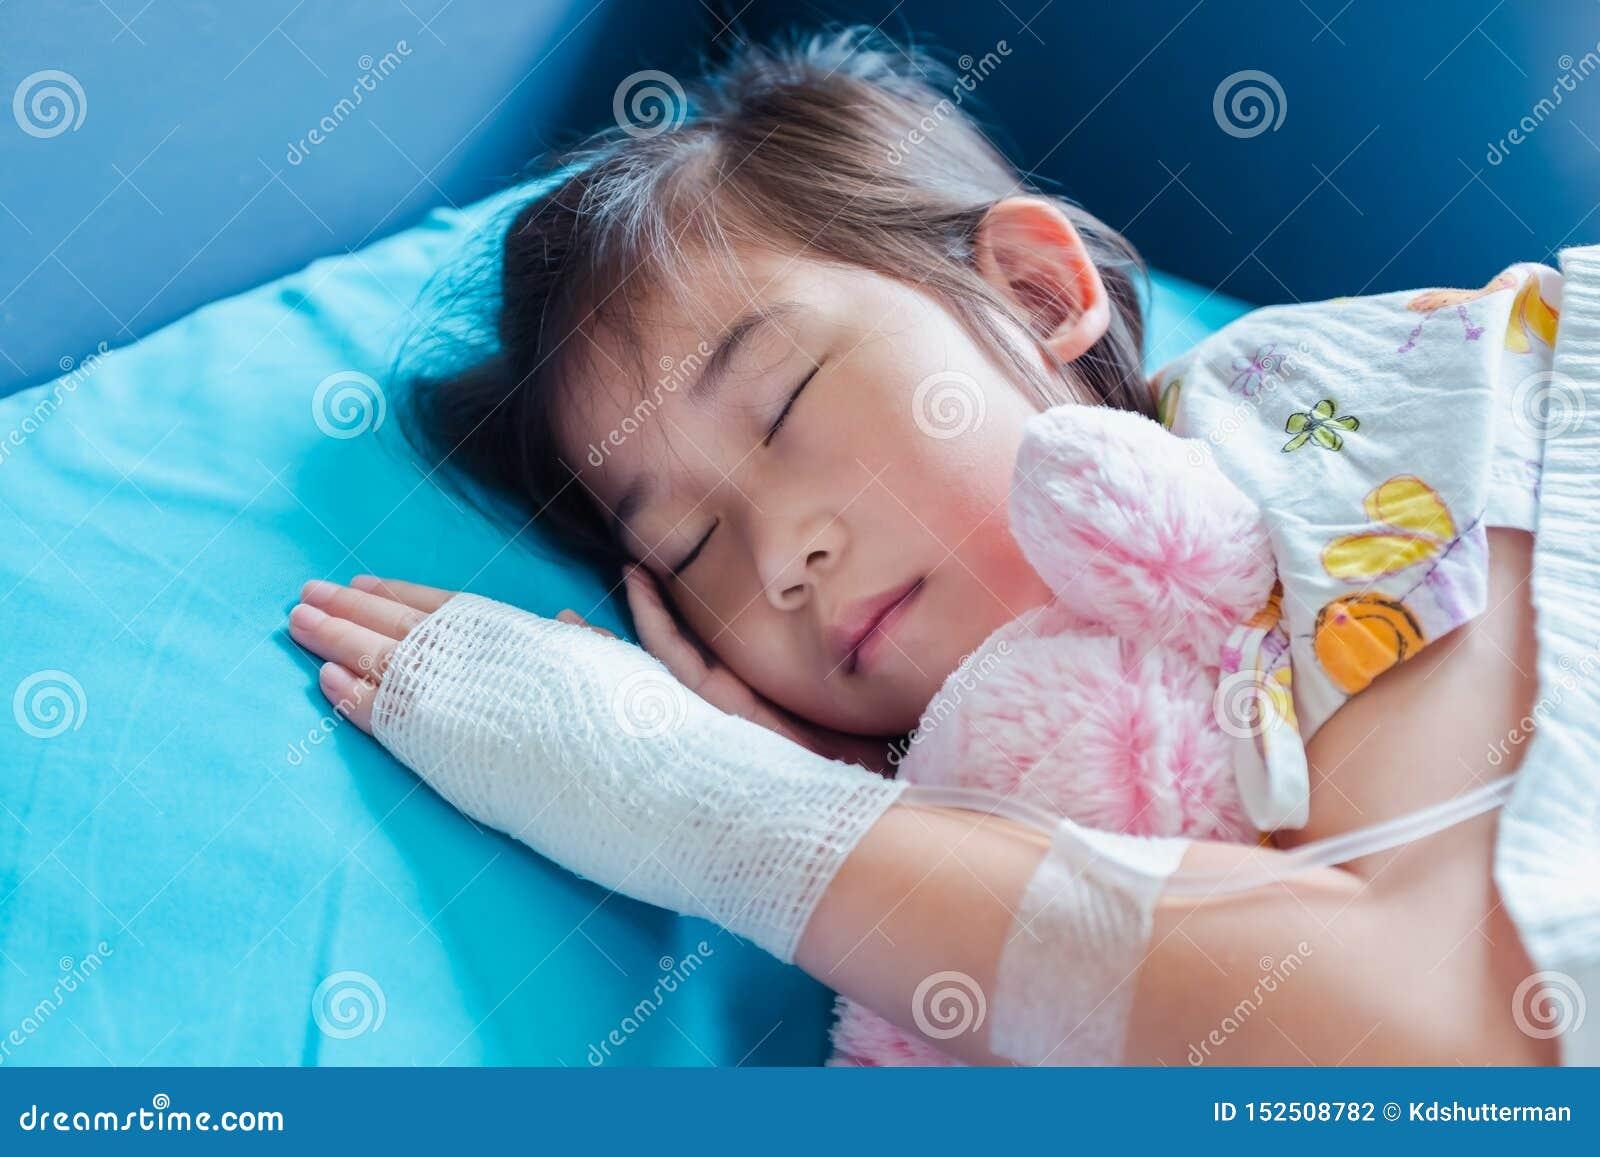 Il bambino asiatico di malattia ha ammesso in ospedale con il dispositivo di venipunzione salino a disposizione